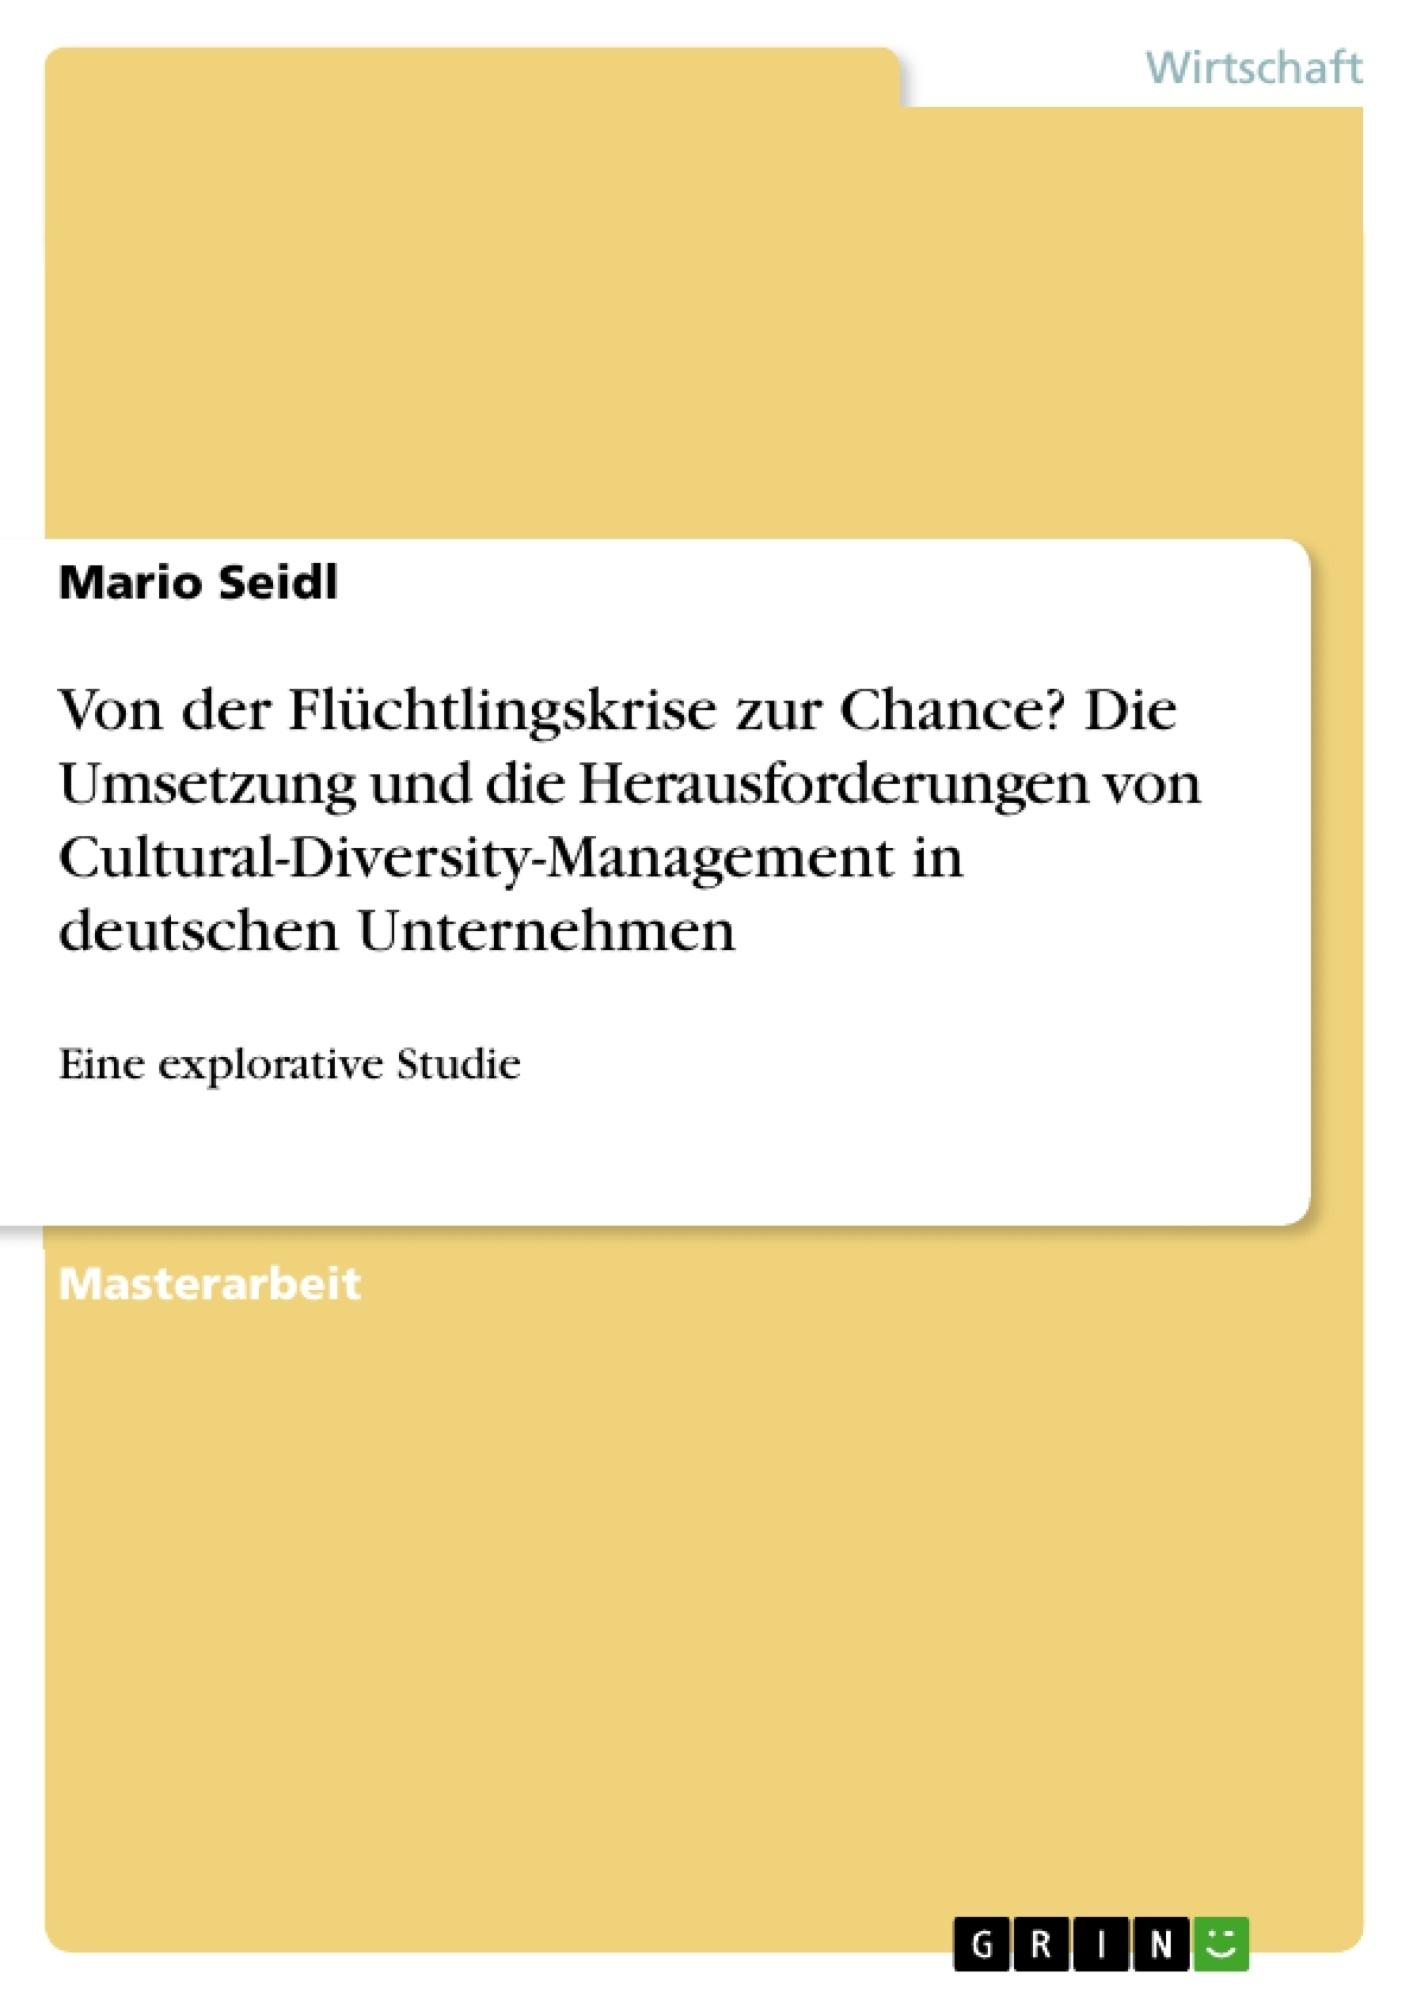 Titel: Von der Flüchtlingskrise zur Chance? Die Umsetzung und die Herausforderungen von Cultural-Diversity-Management in deutschen Unternehmen